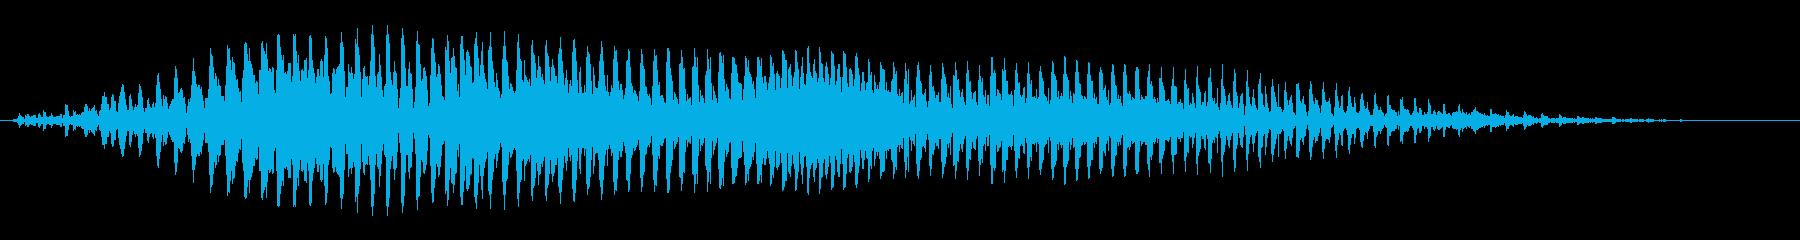 モーッ(牛の鳴き声)の再生済みの波形